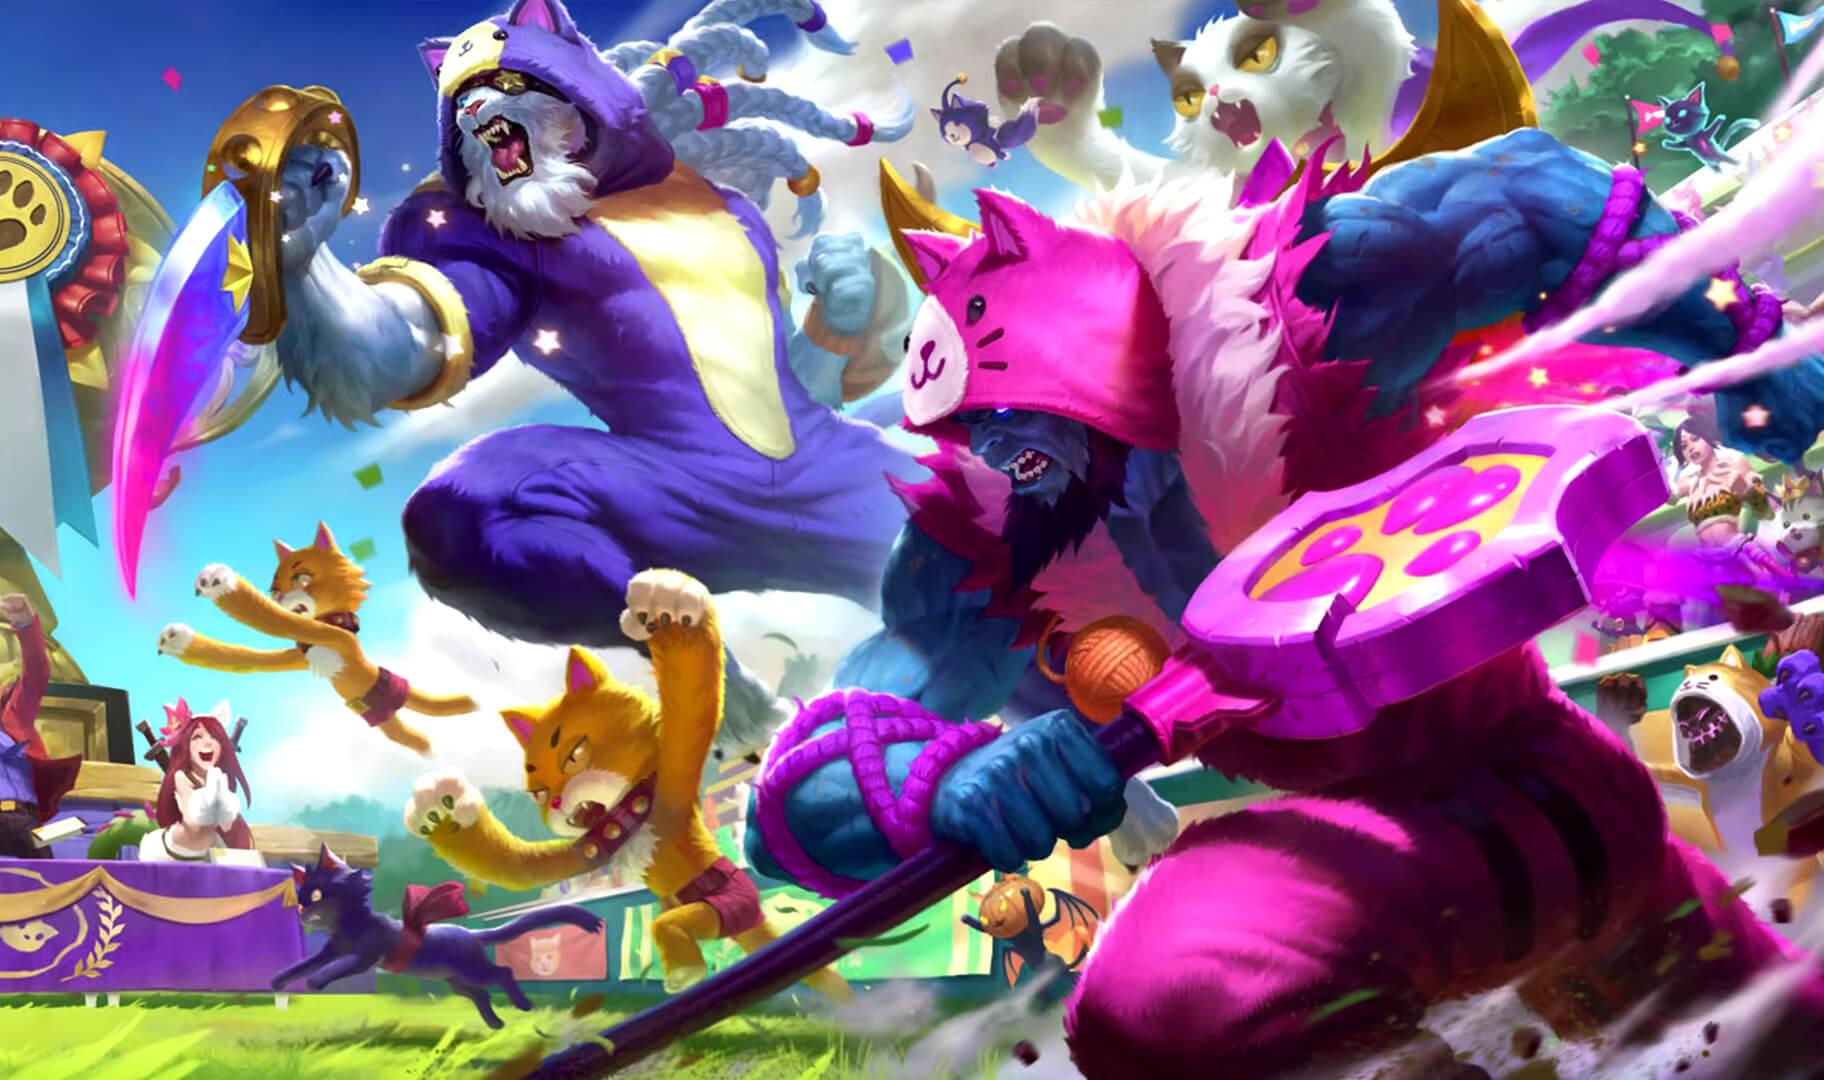 Yorick e Rengar ganharam novas skins no League of Legends